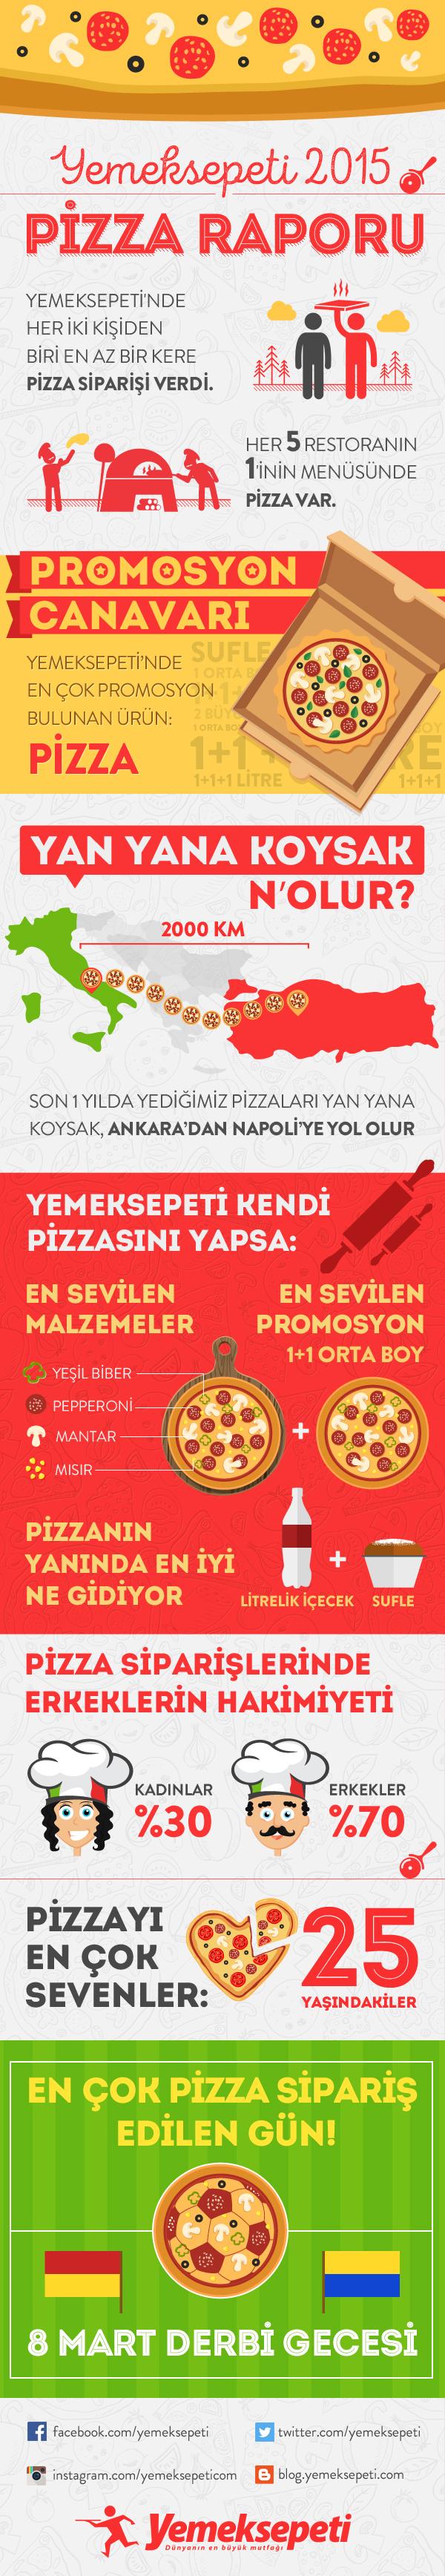 Yemeksepeti.com Pizza İnfografik